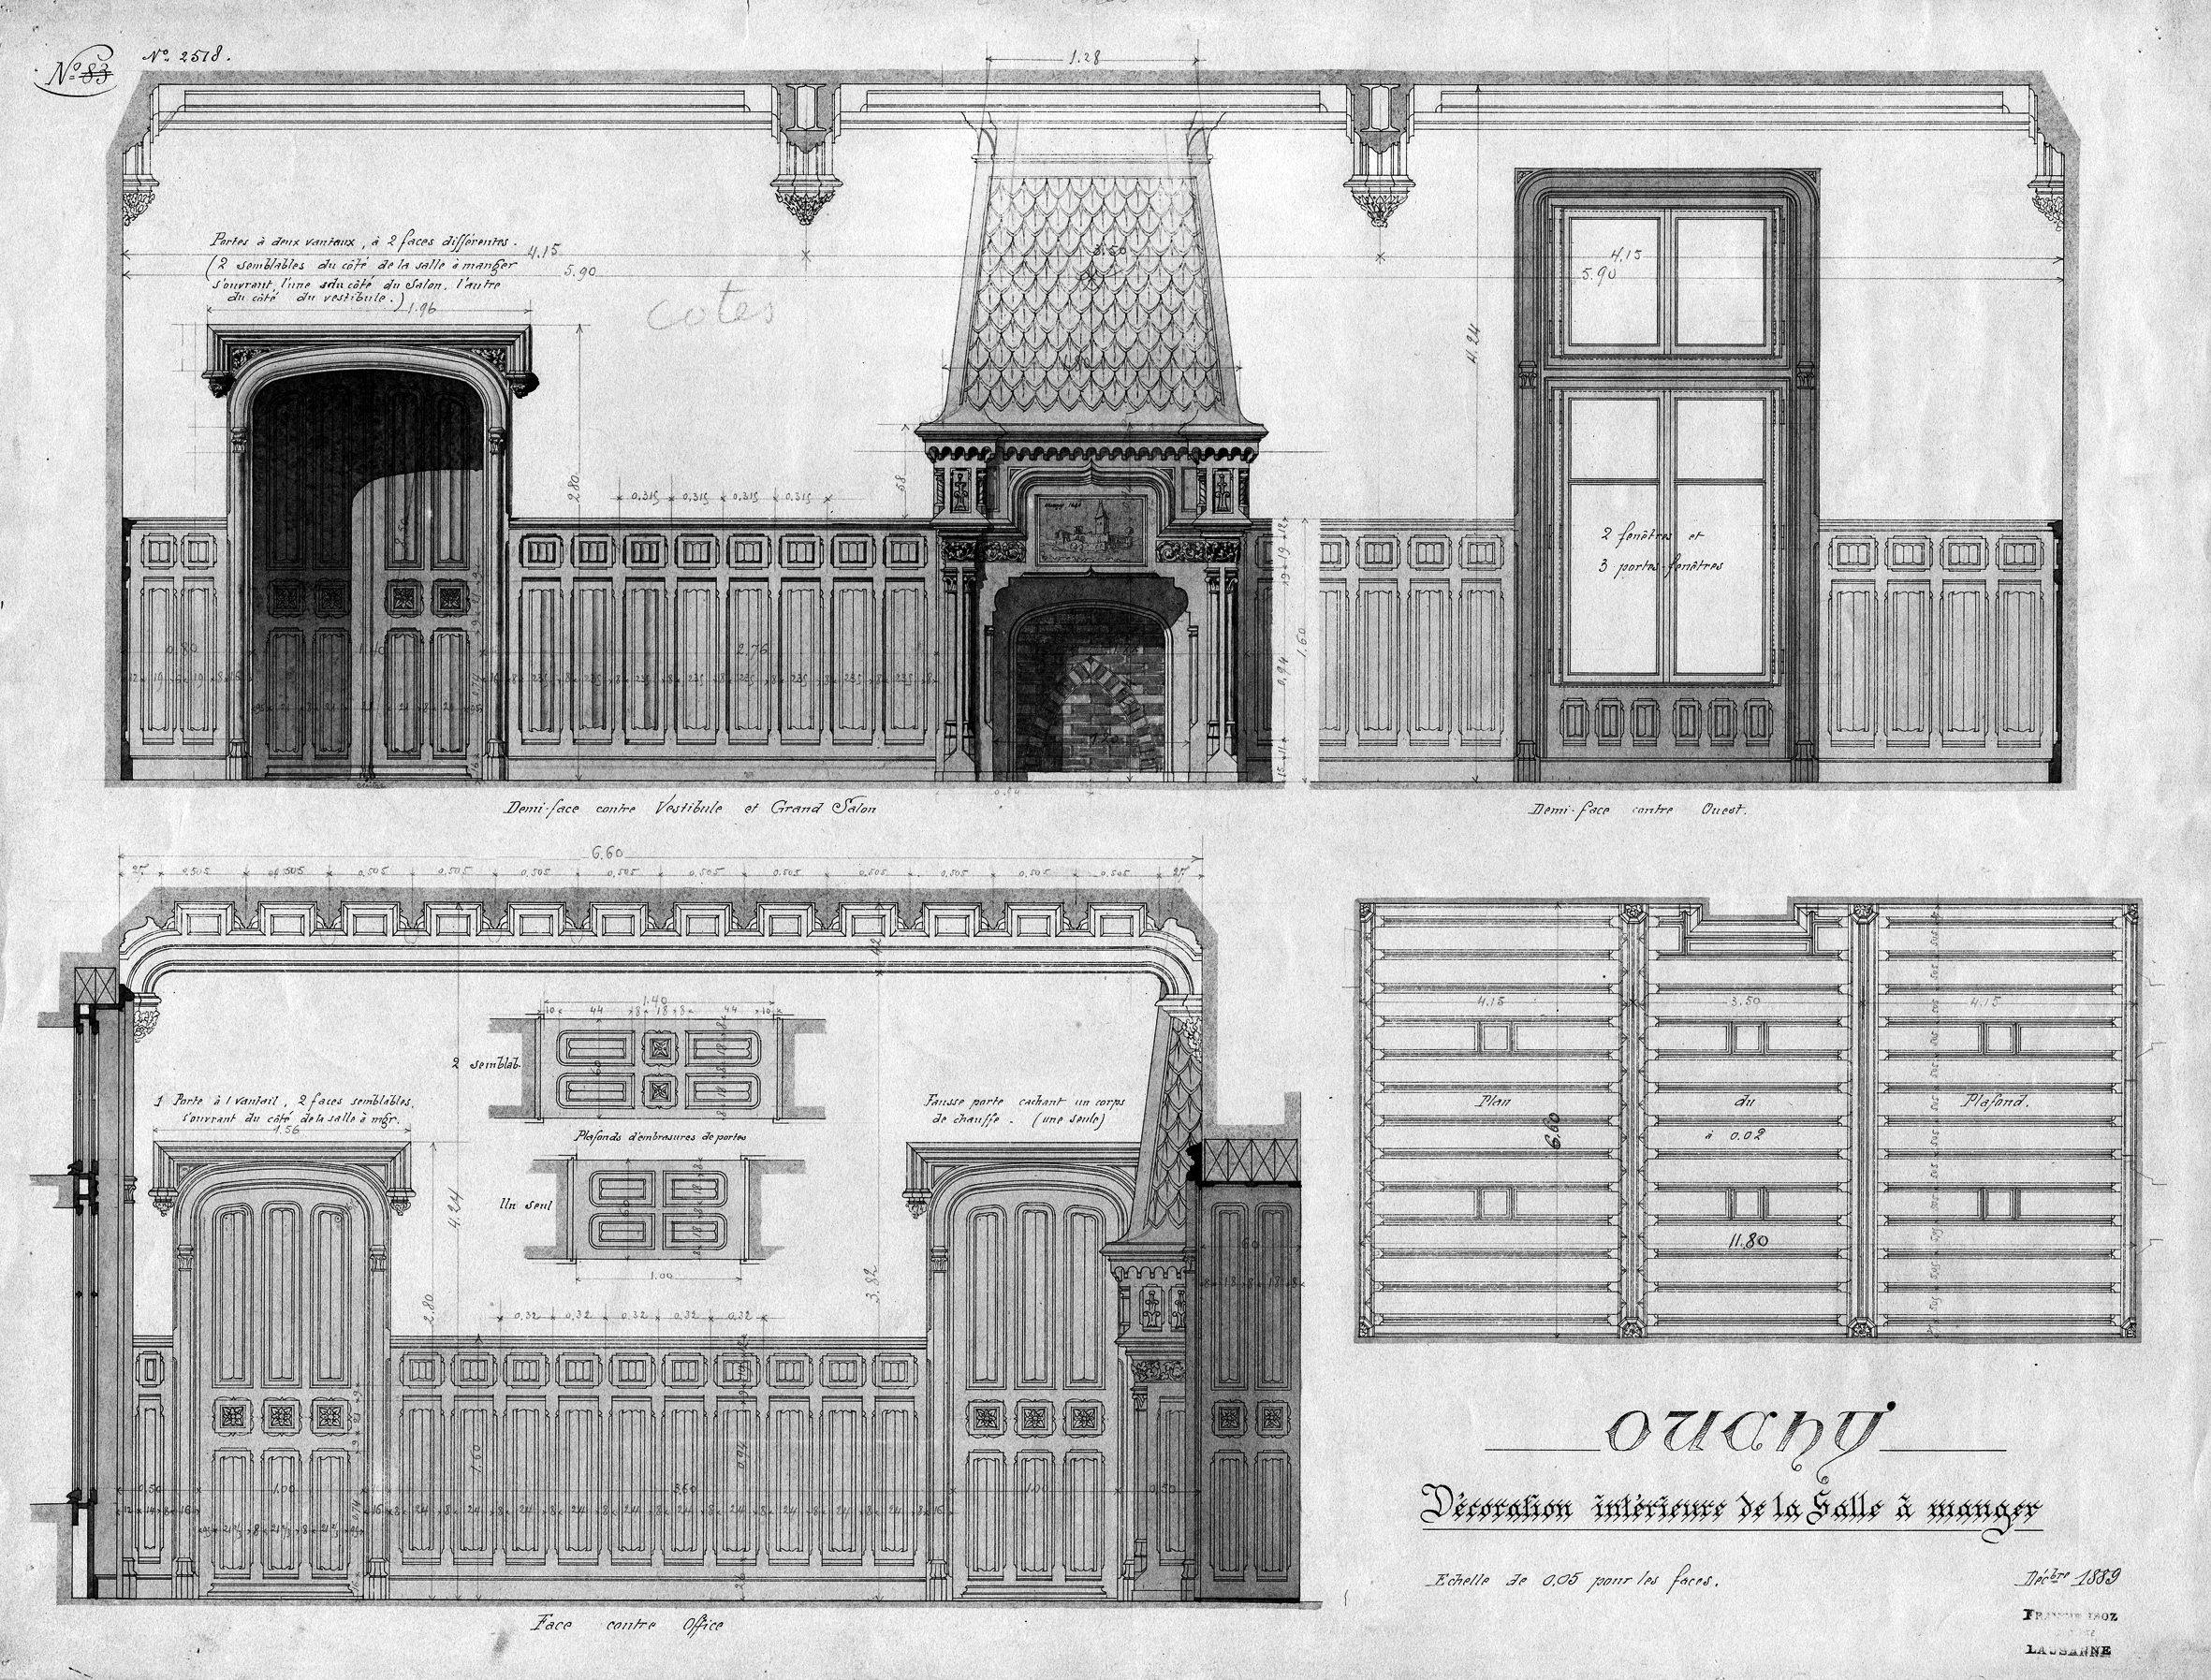 Jean jacques mercier marcel et son architecte francis isoz for La salle a manger de francis jammes